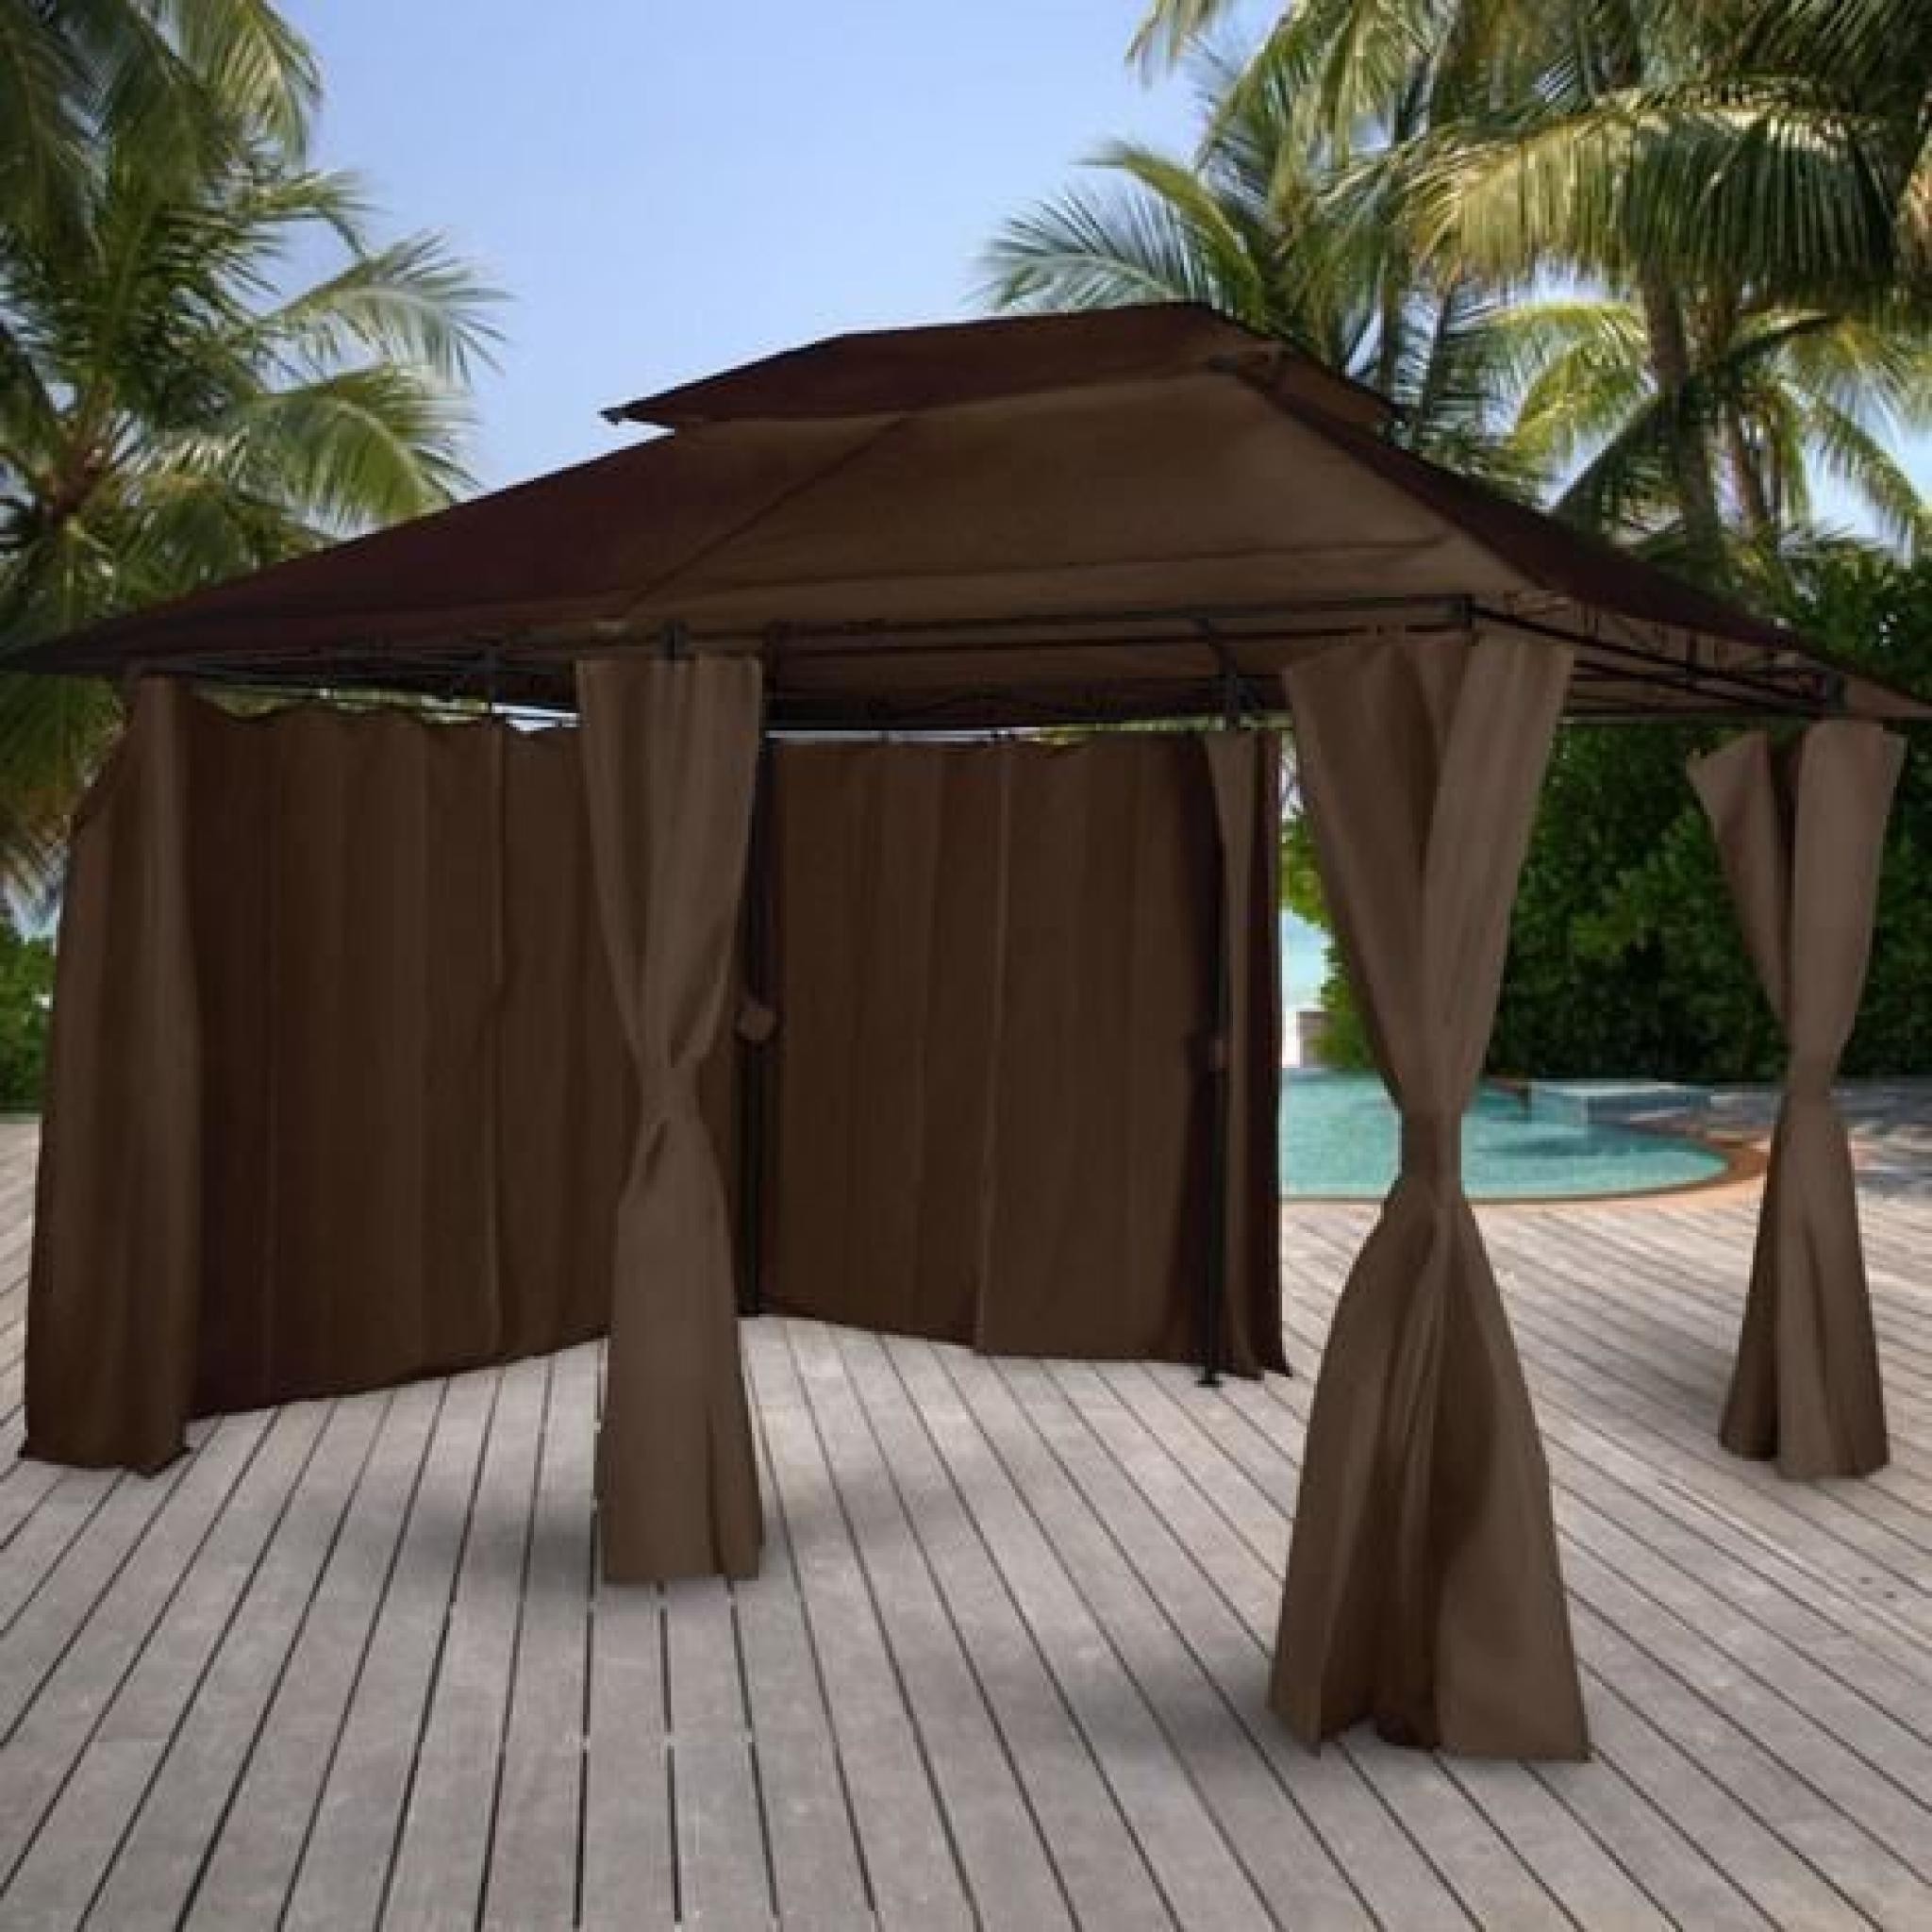 tonnelle de jardin en tissu brun 4 x 3 m achat vente tonnelle en acier pas cher. Black Bedroom Furniture Sets. Home Design Ideas